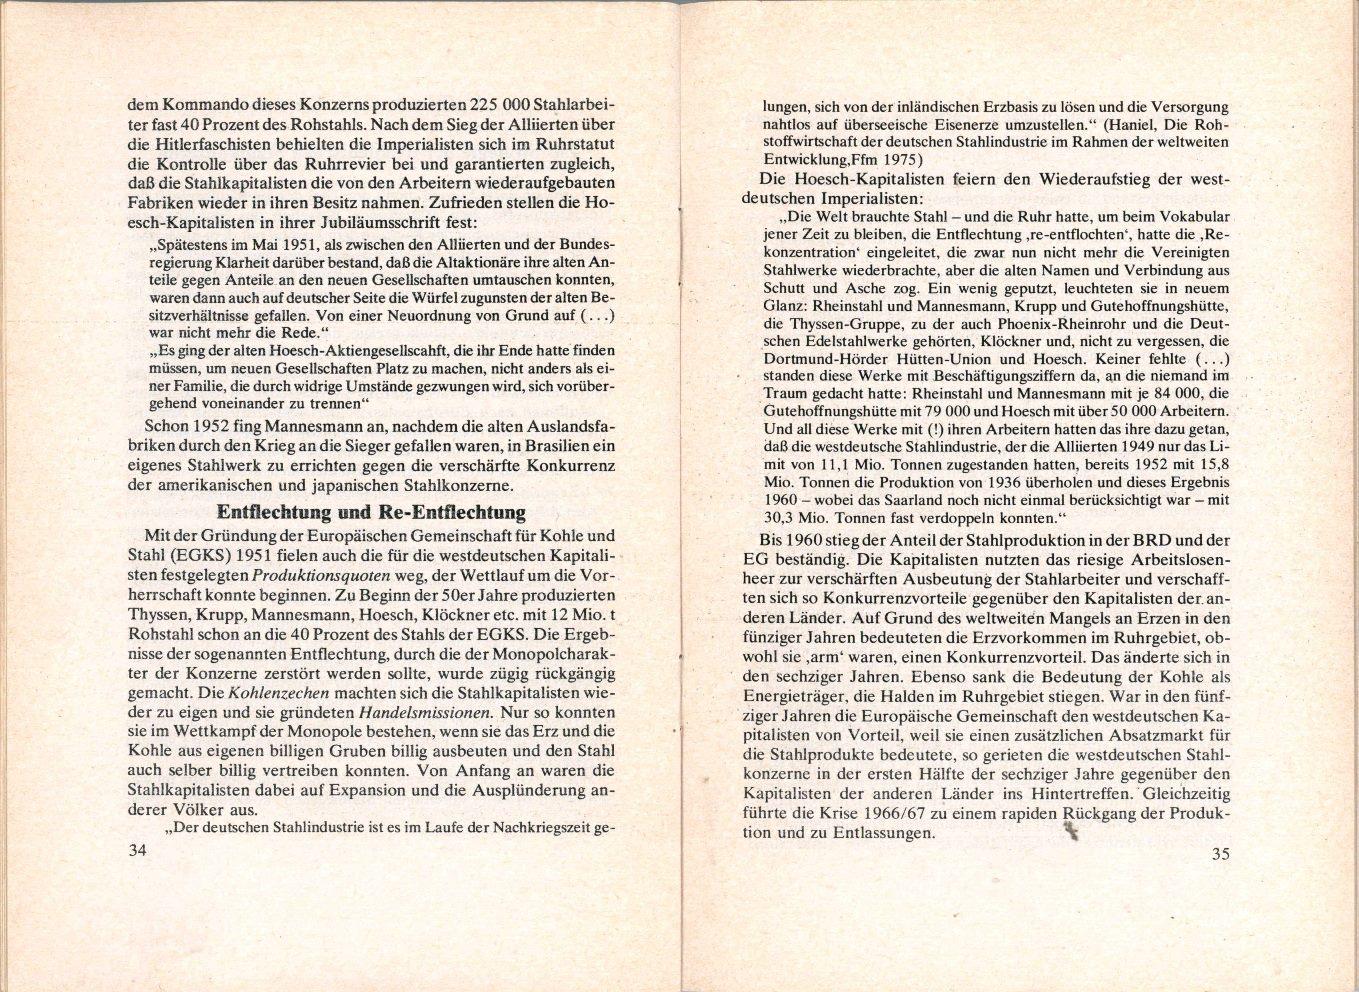 IGM_KBW_Krise_in_der_Stahlindustrie_1977_19